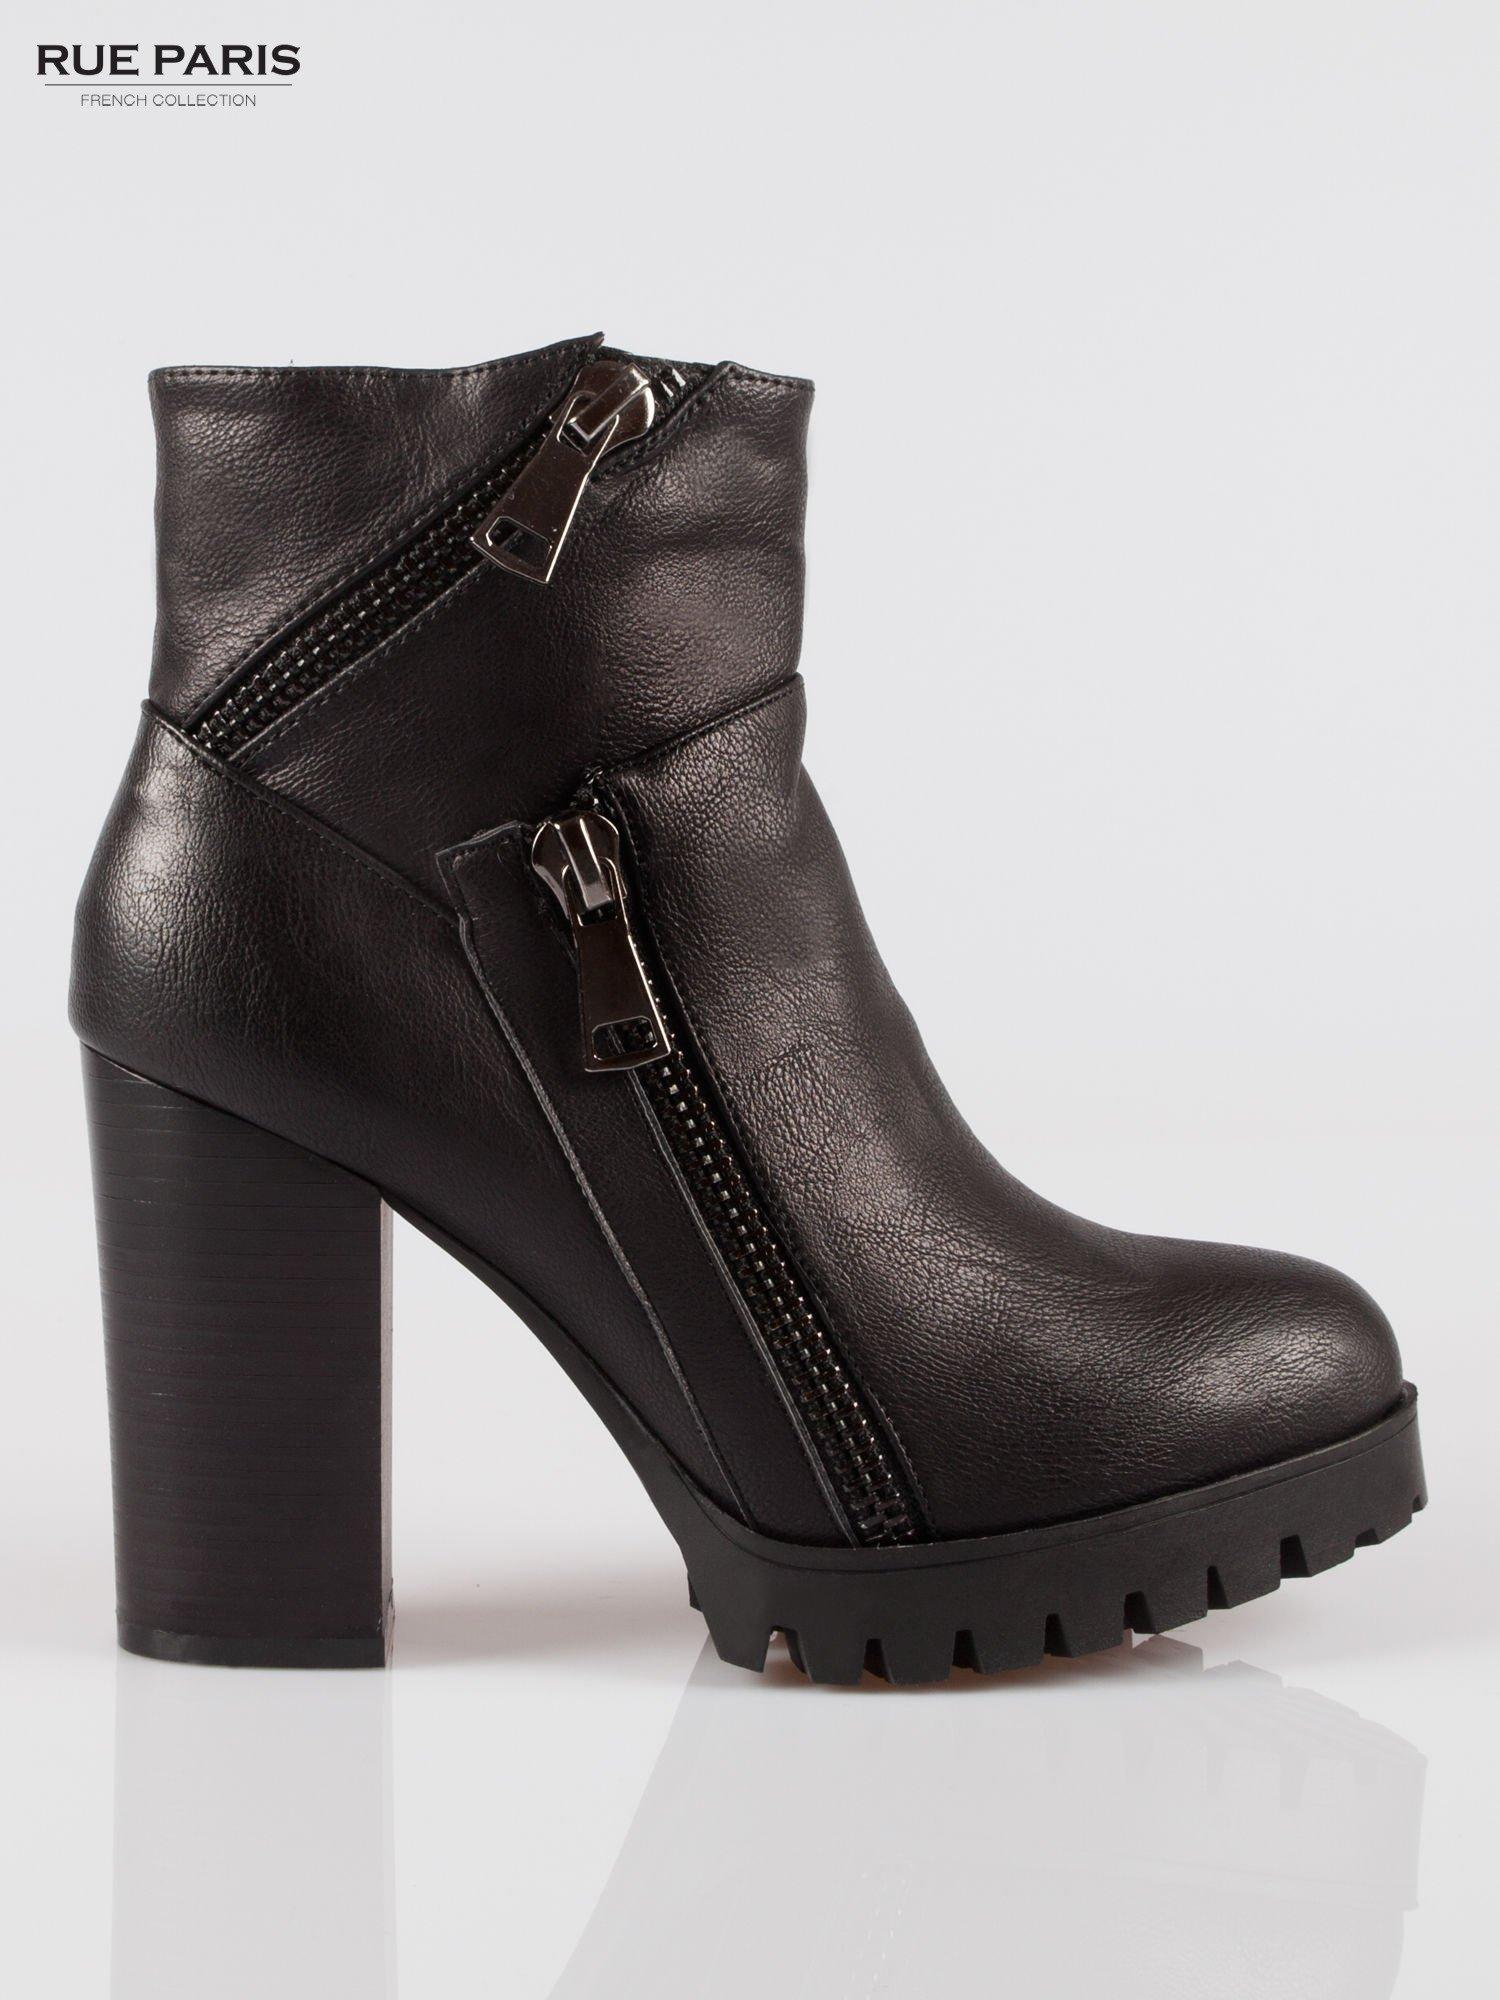 Czarne botki na słupku z zamkami w stylu biker boots                                  zdj.                                  1